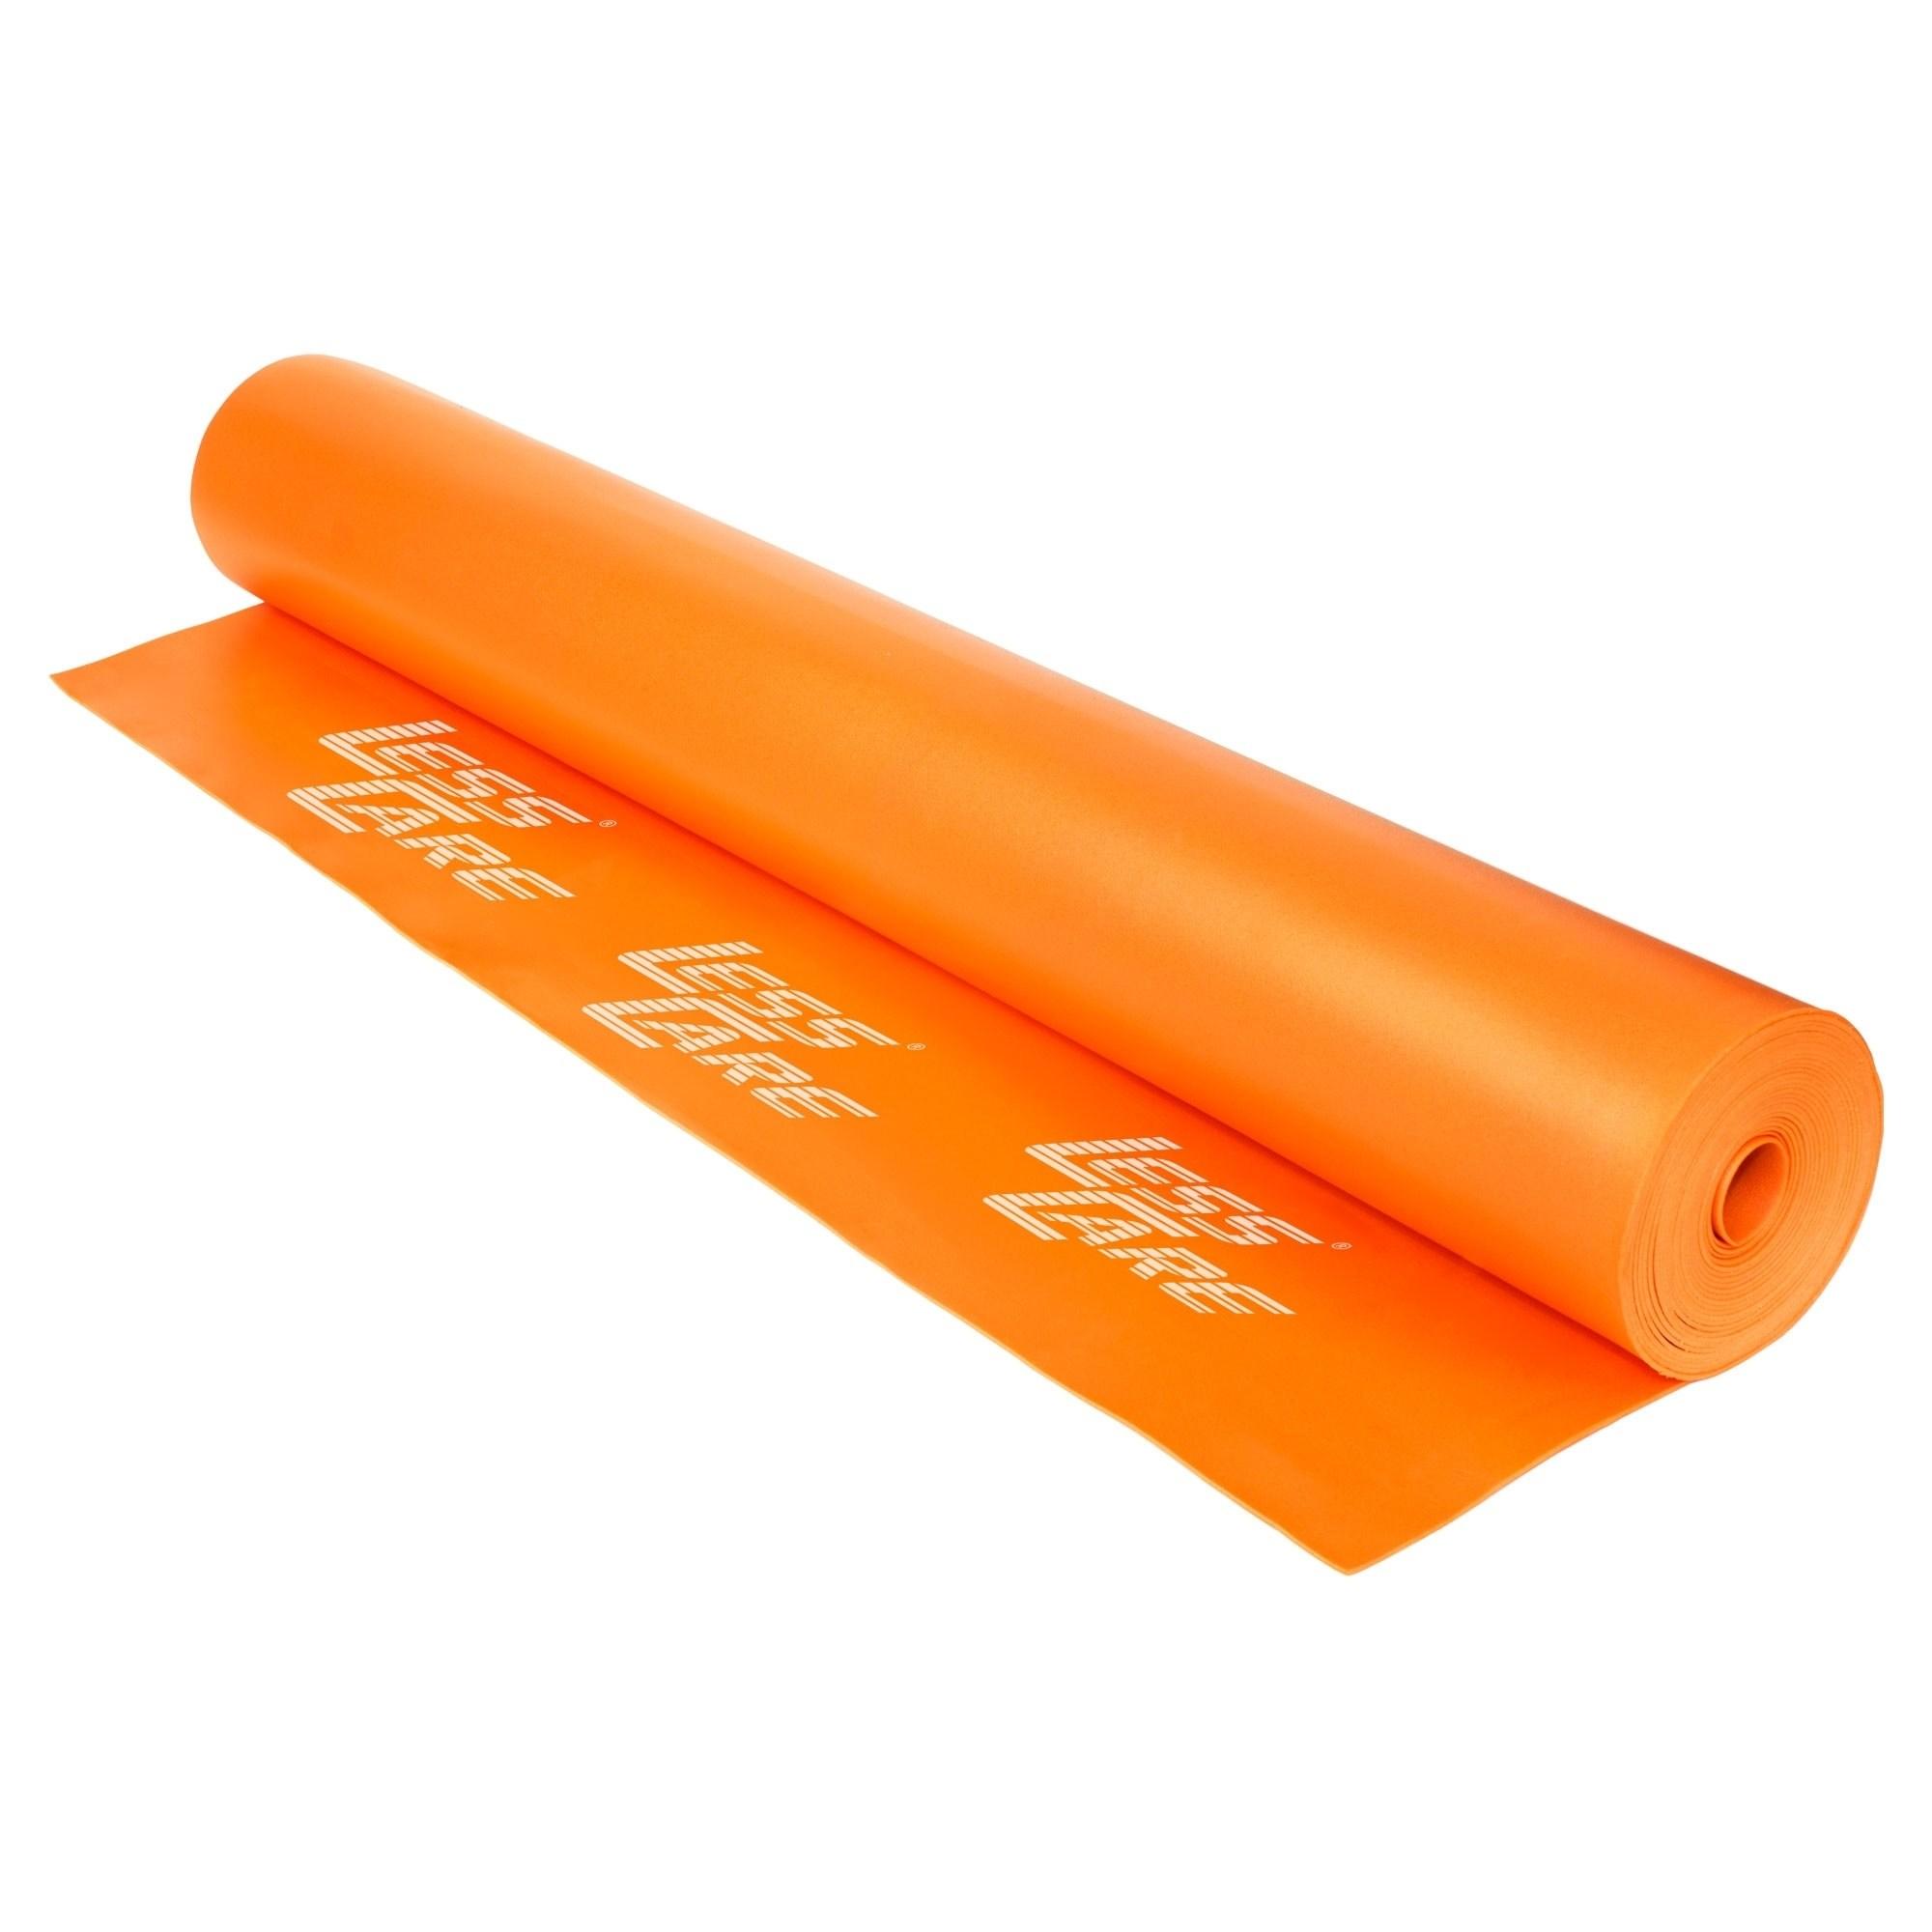 LessCare Floor Underlayment 200 Sq Ft Acoustical Moisture Barrier LCU2-200